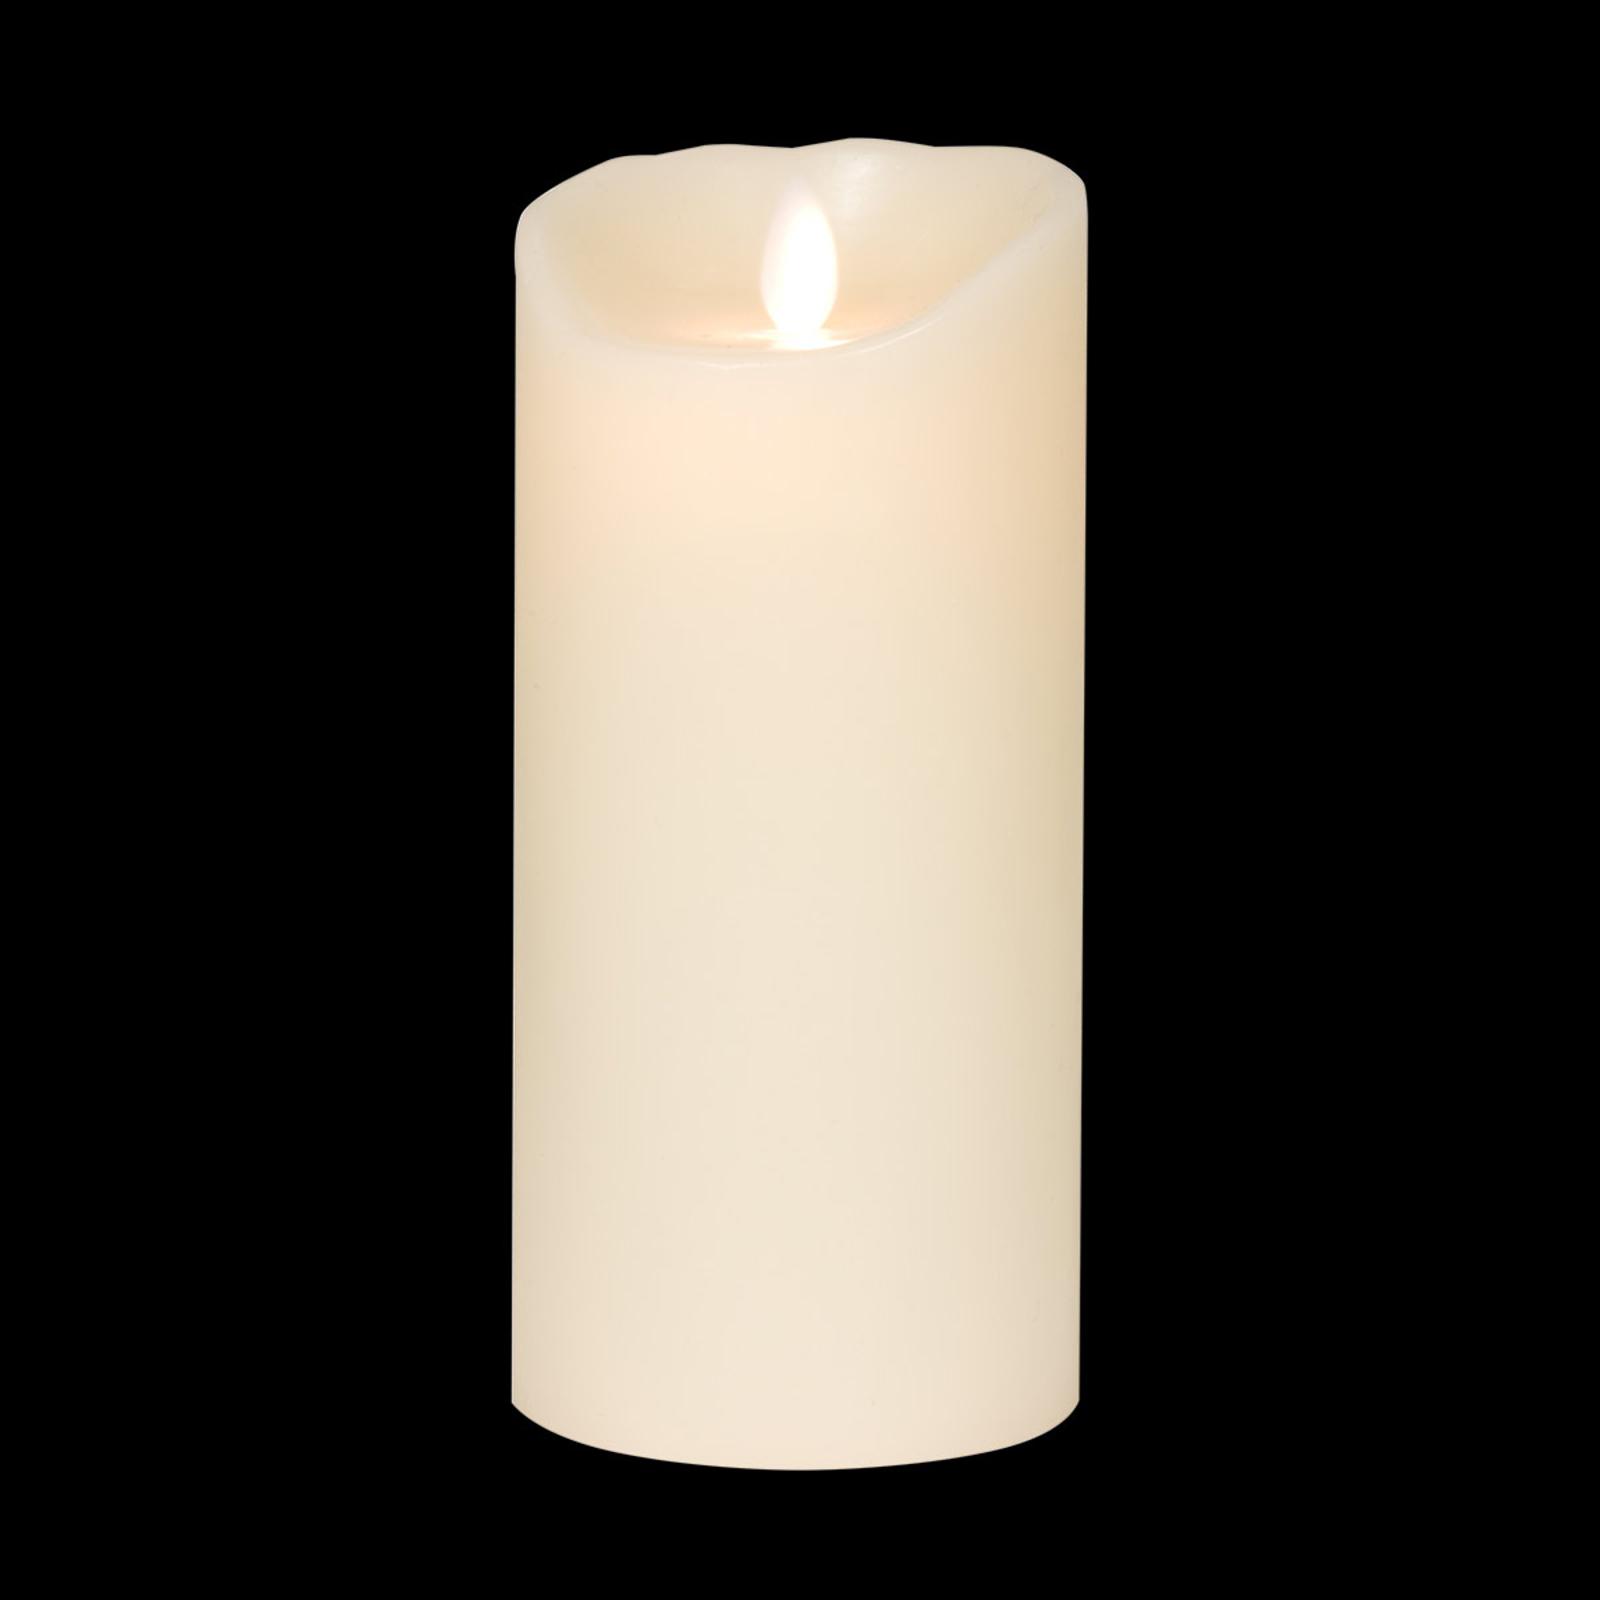 LED-Kerze Flame aus echtem Wachs 23 cm